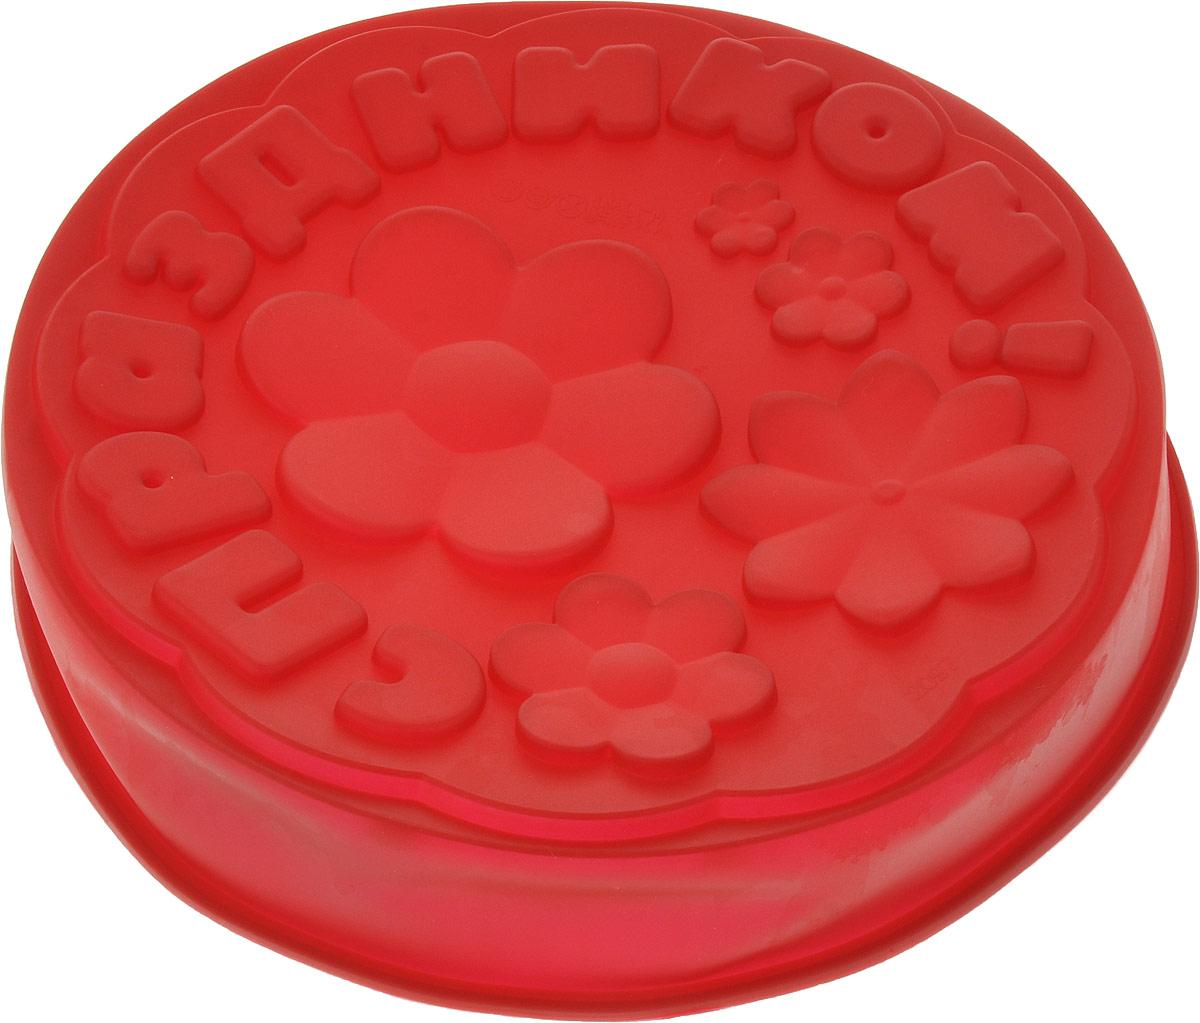 Форма для выпечки Доляна С Праздником, цвет: красный, 21,5 х 5 см1166844_краснаяФорма для выпечки Доляна С Праздником из силикона - современное решение для практичныхи радушных хозяек. Оригинальный предмет позволяет готовить в духовке любимые блюда измяса, рыбы, птицы и овощей, а также вкуснейшую выпечку.Особенности:Блюдосохраняет нужную форму и легко отделяется от стенок после приготовления;Высокая термостойкость (от -40 до 230 С) позволяет применять форму в духовых шкафах иморозильных камерах;Небольшая масса делает эксплуатацию предмета простой даже для хрупкой женщины;Силикон пригоден для посудомоечных машин;Высокопрочный материал делает форму долговечным инструментом;При хранении предмет занимает мало места. Перед первым применением промойте предмет теплой водой. В процессе приготовления используйте кухонный инструмент из дерева, пластика или силикона. Перед извлечением блюда из силиконовой формы дайте ему немного остыть, осторожноотогните края предмета.Готовьте с удовольствием!